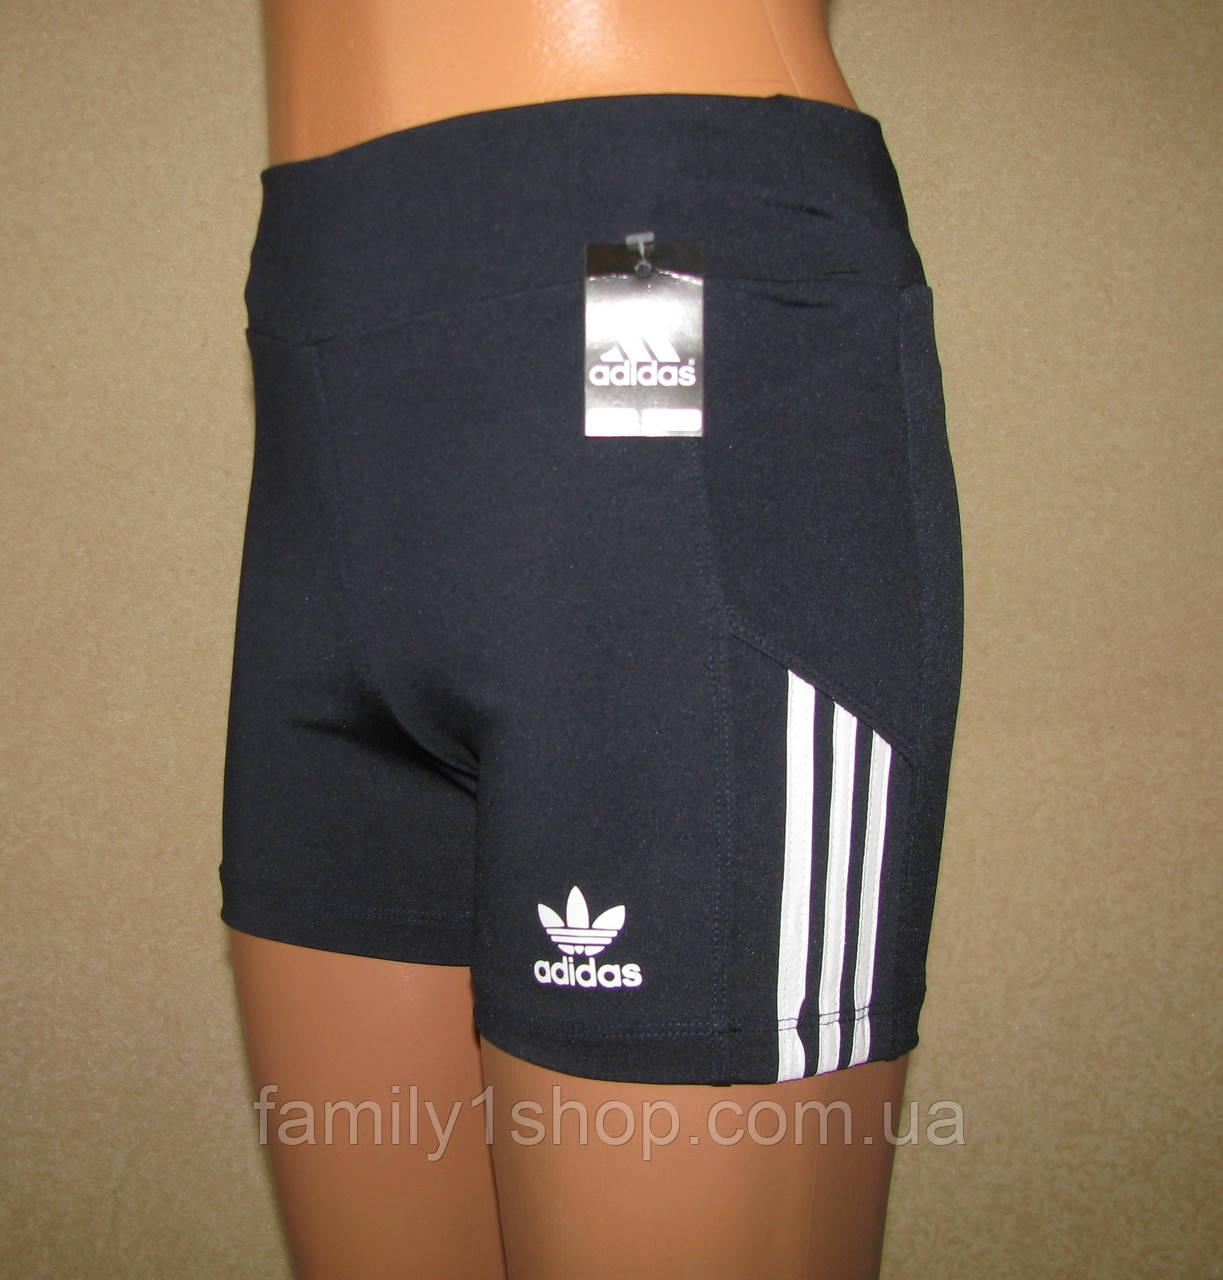 Спортивные шорты женские Адидас, эластик.  продажа, цена в ... 1e5579e6866